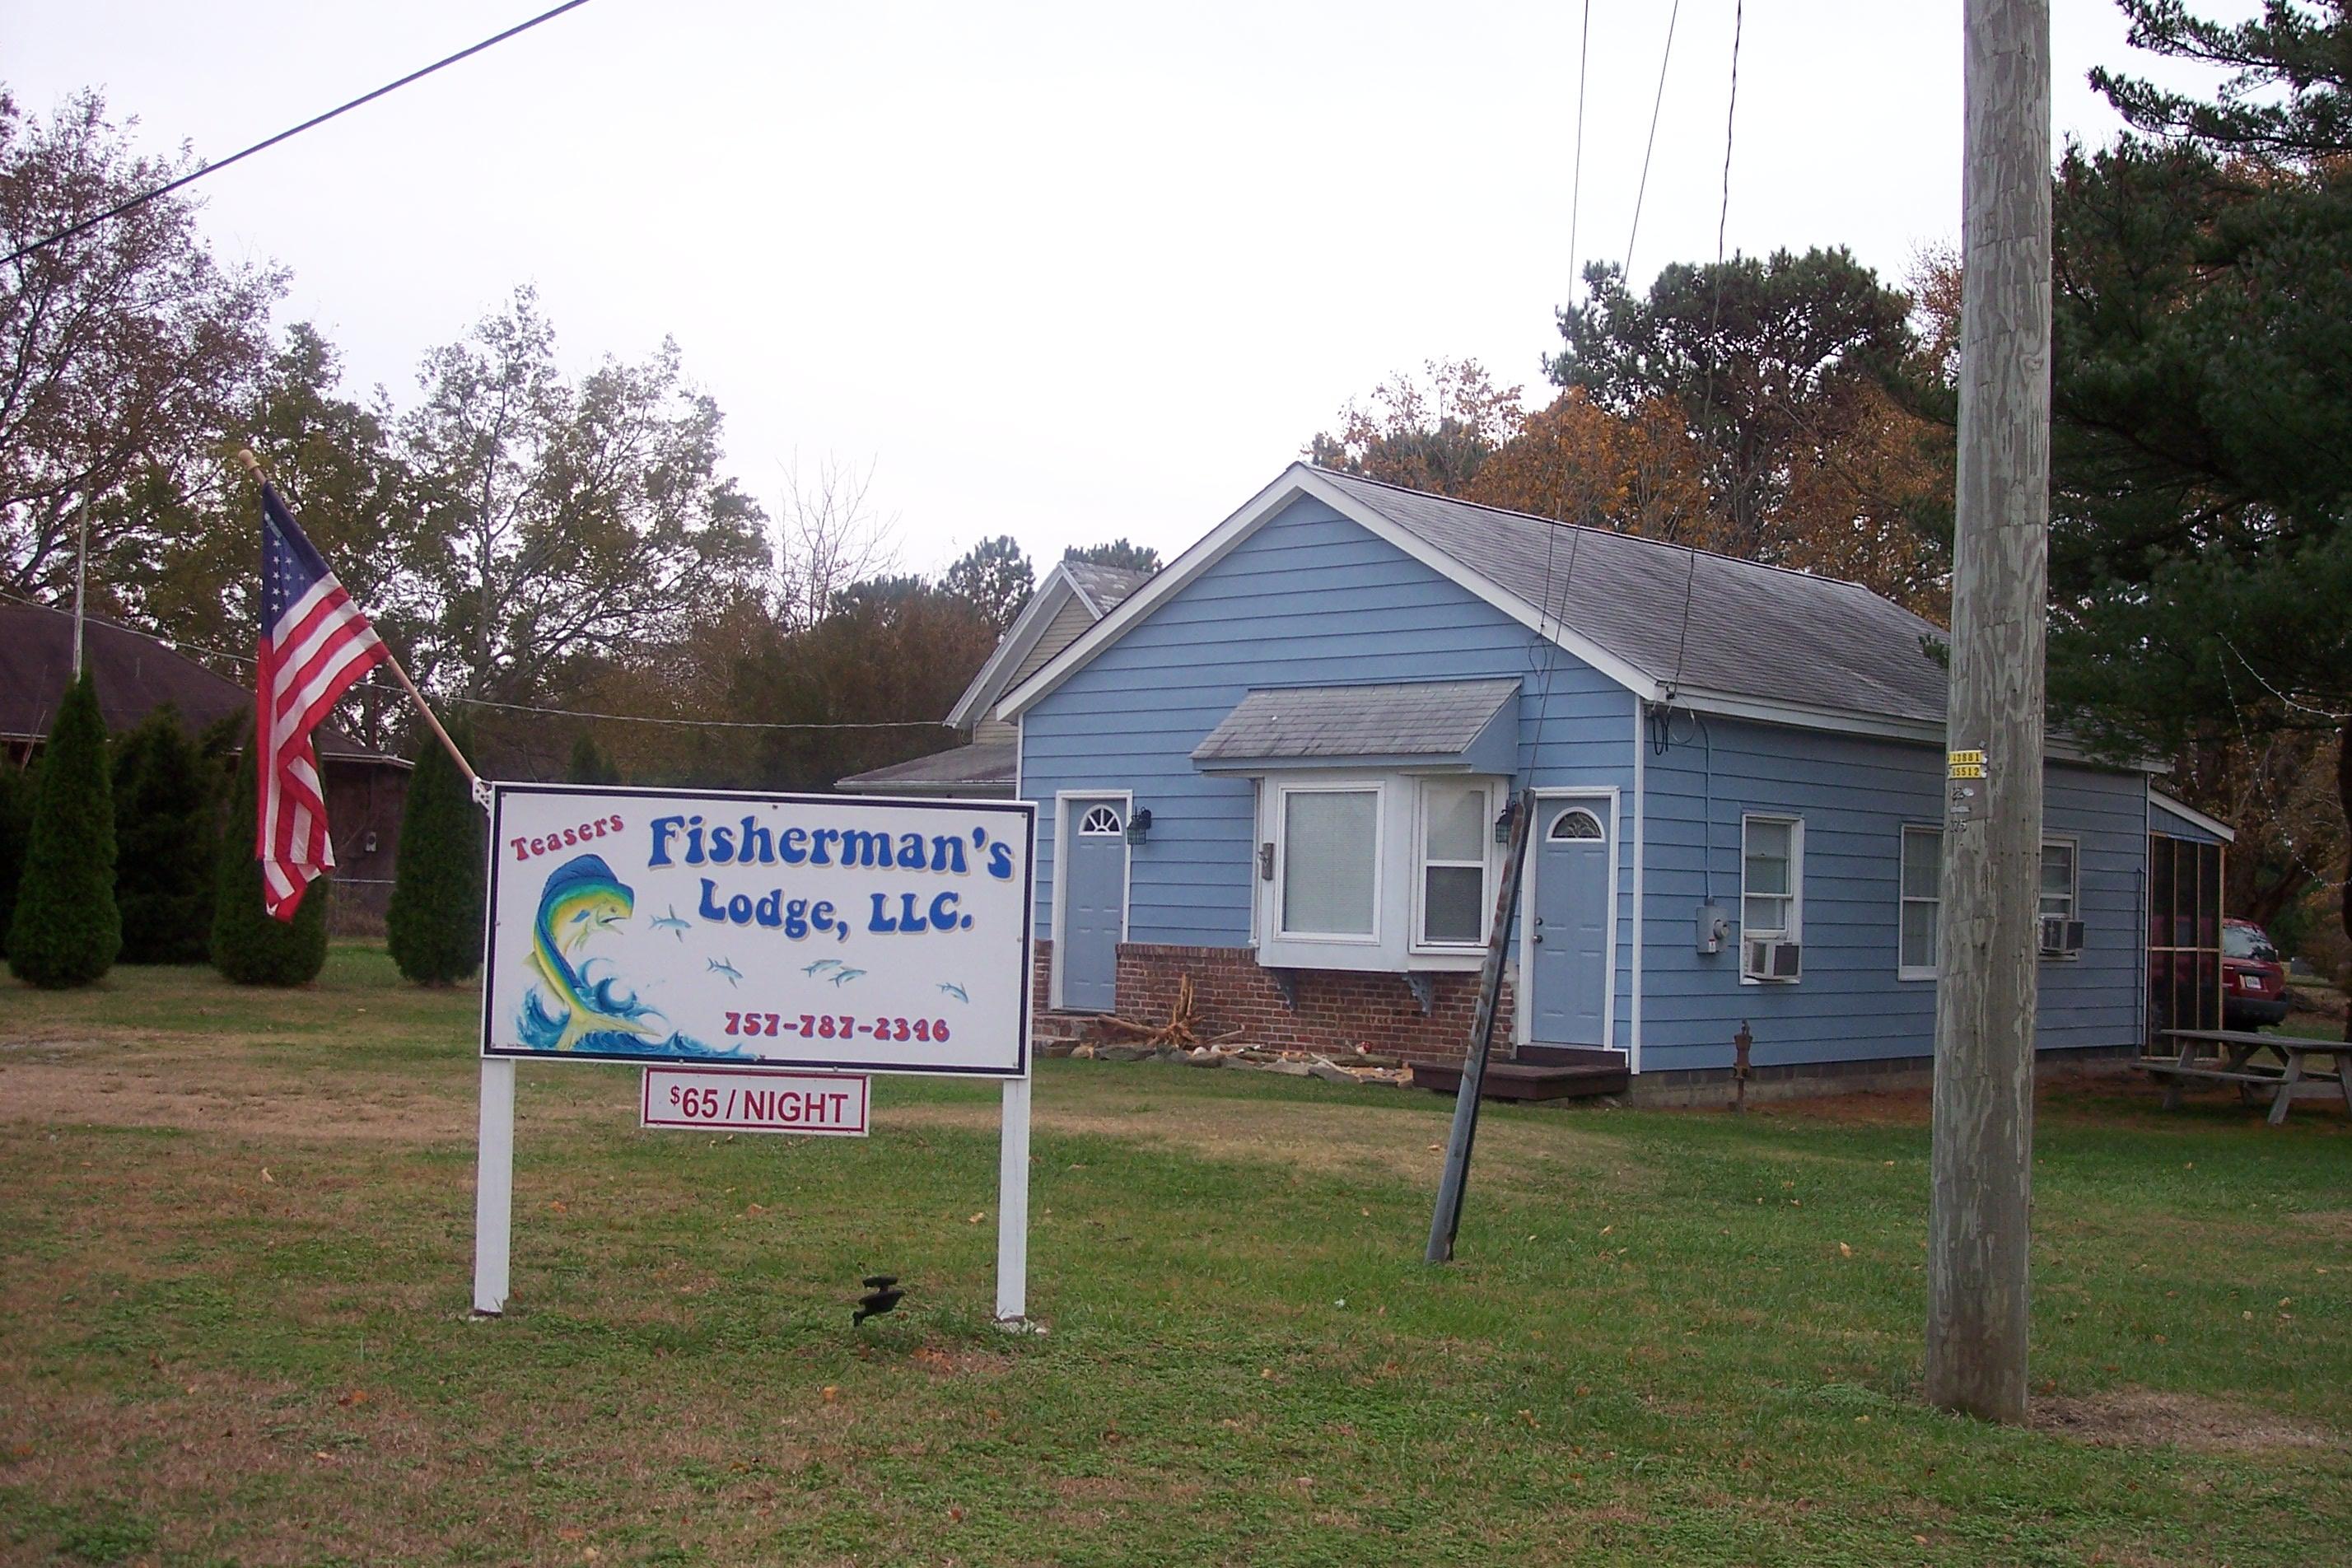 Teasers  Fishermans Lodge, Wachapreague VA